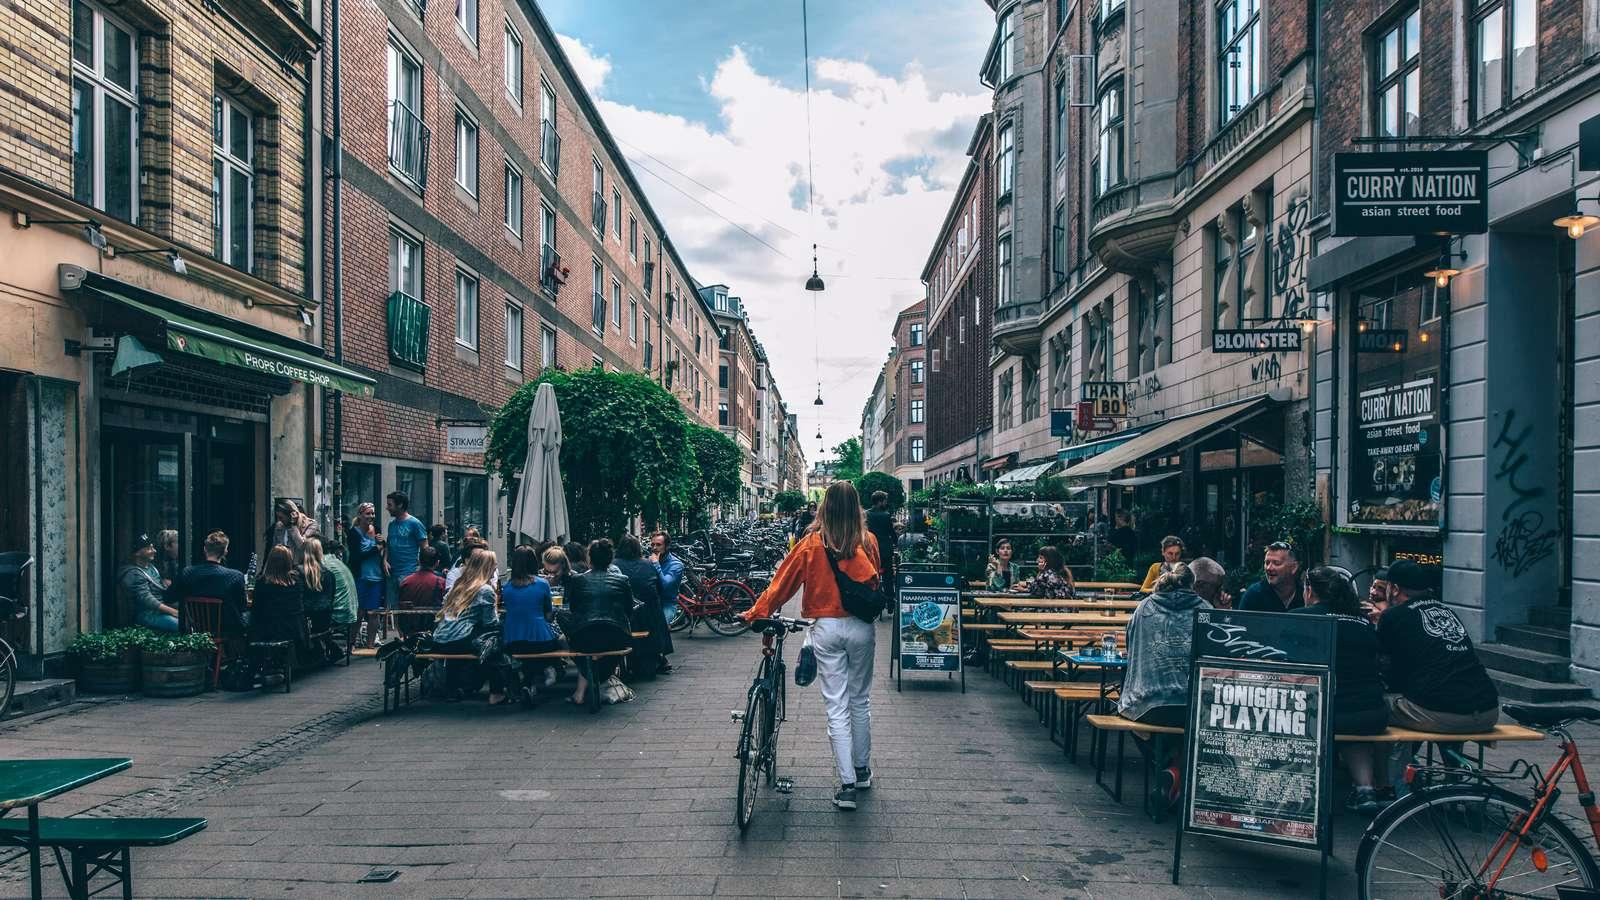 Blågårdsgade på Nørrebro er én af attraktionerne i København, når turisterne kommer væk fra den indre by. Foto: Martin Heiberg, VisitDenmark, Copenhagen Media Center.